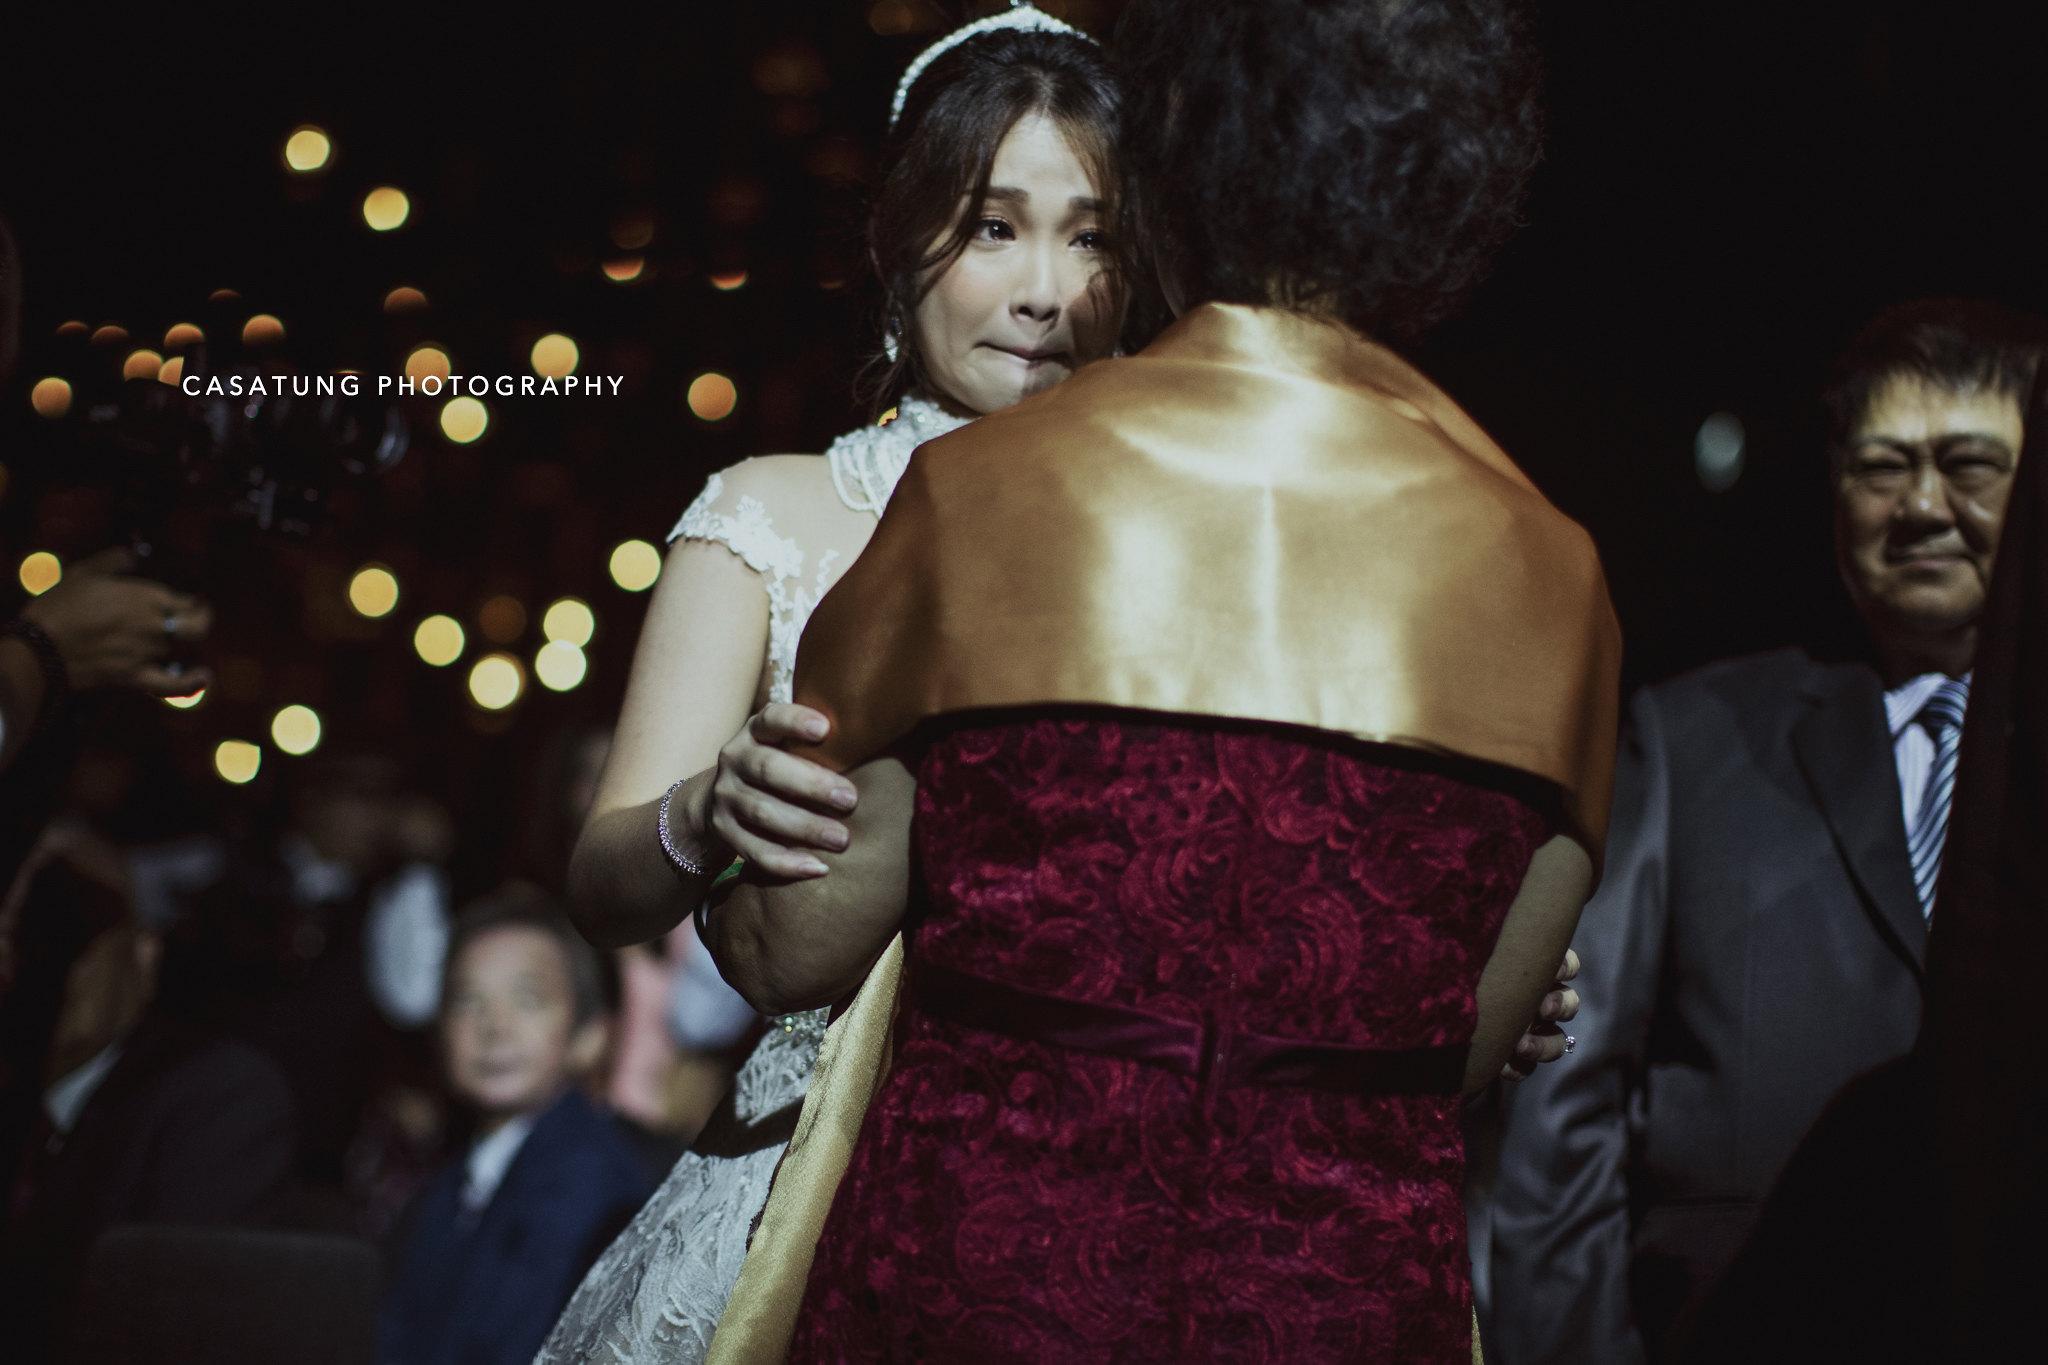 台中自助婚紗,旋轉木馬,casatung,心之芳庭,婚攝casa-198